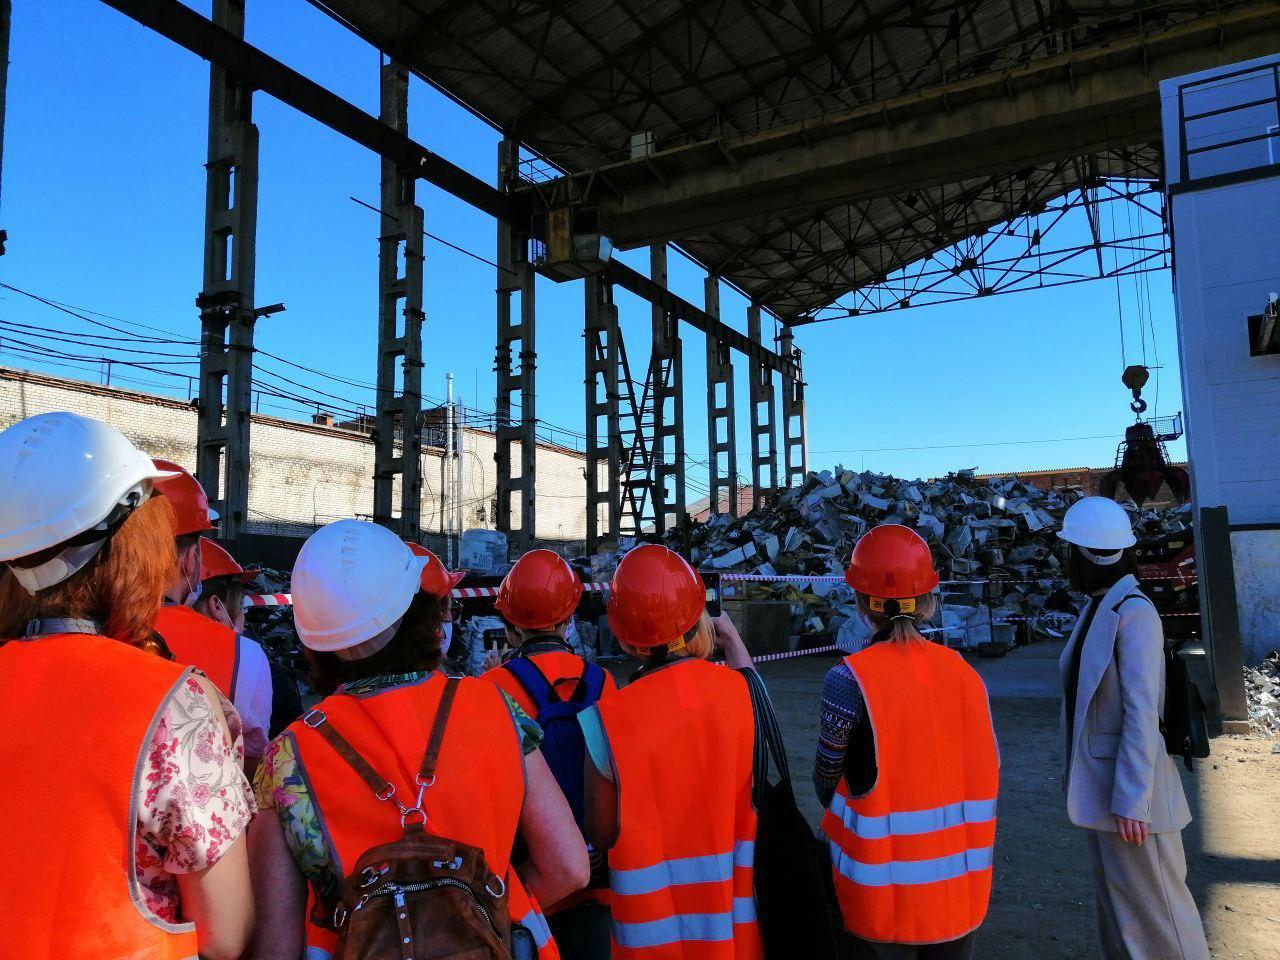 В Ярославле прошел день открытых дверей на предприятии по переработке источников тока